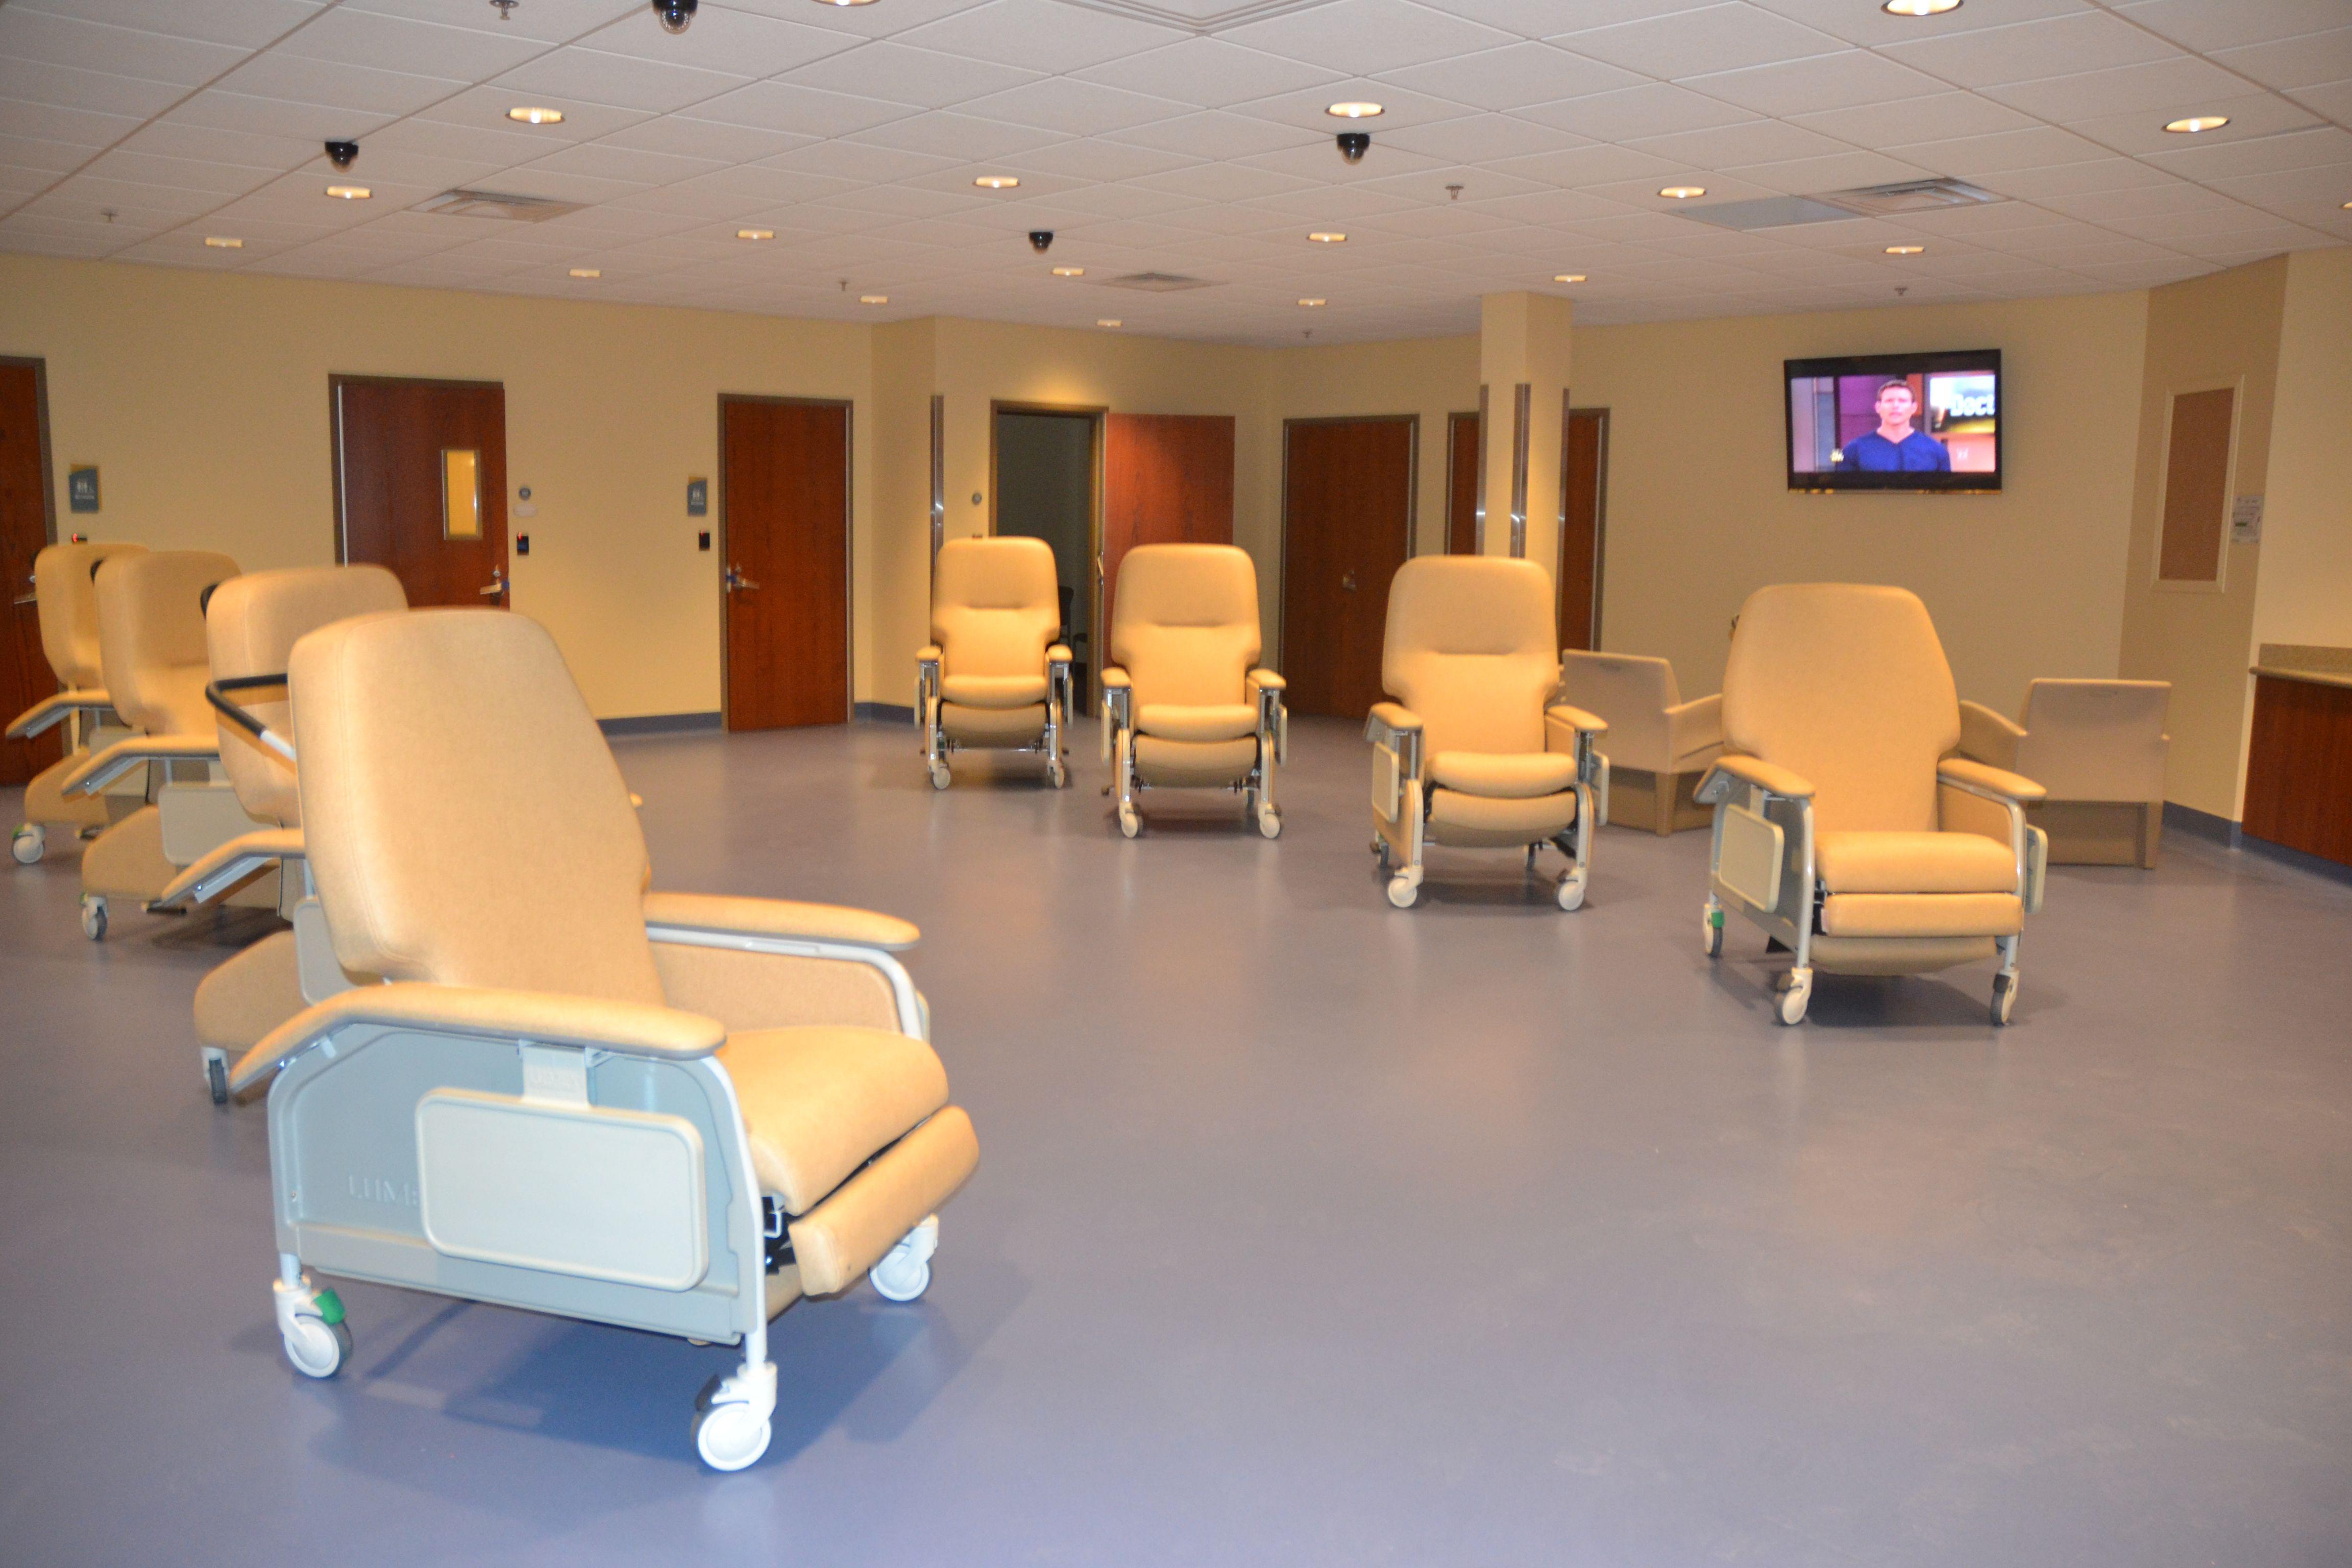 A look into CrisisCare Center's respite area. Home decor